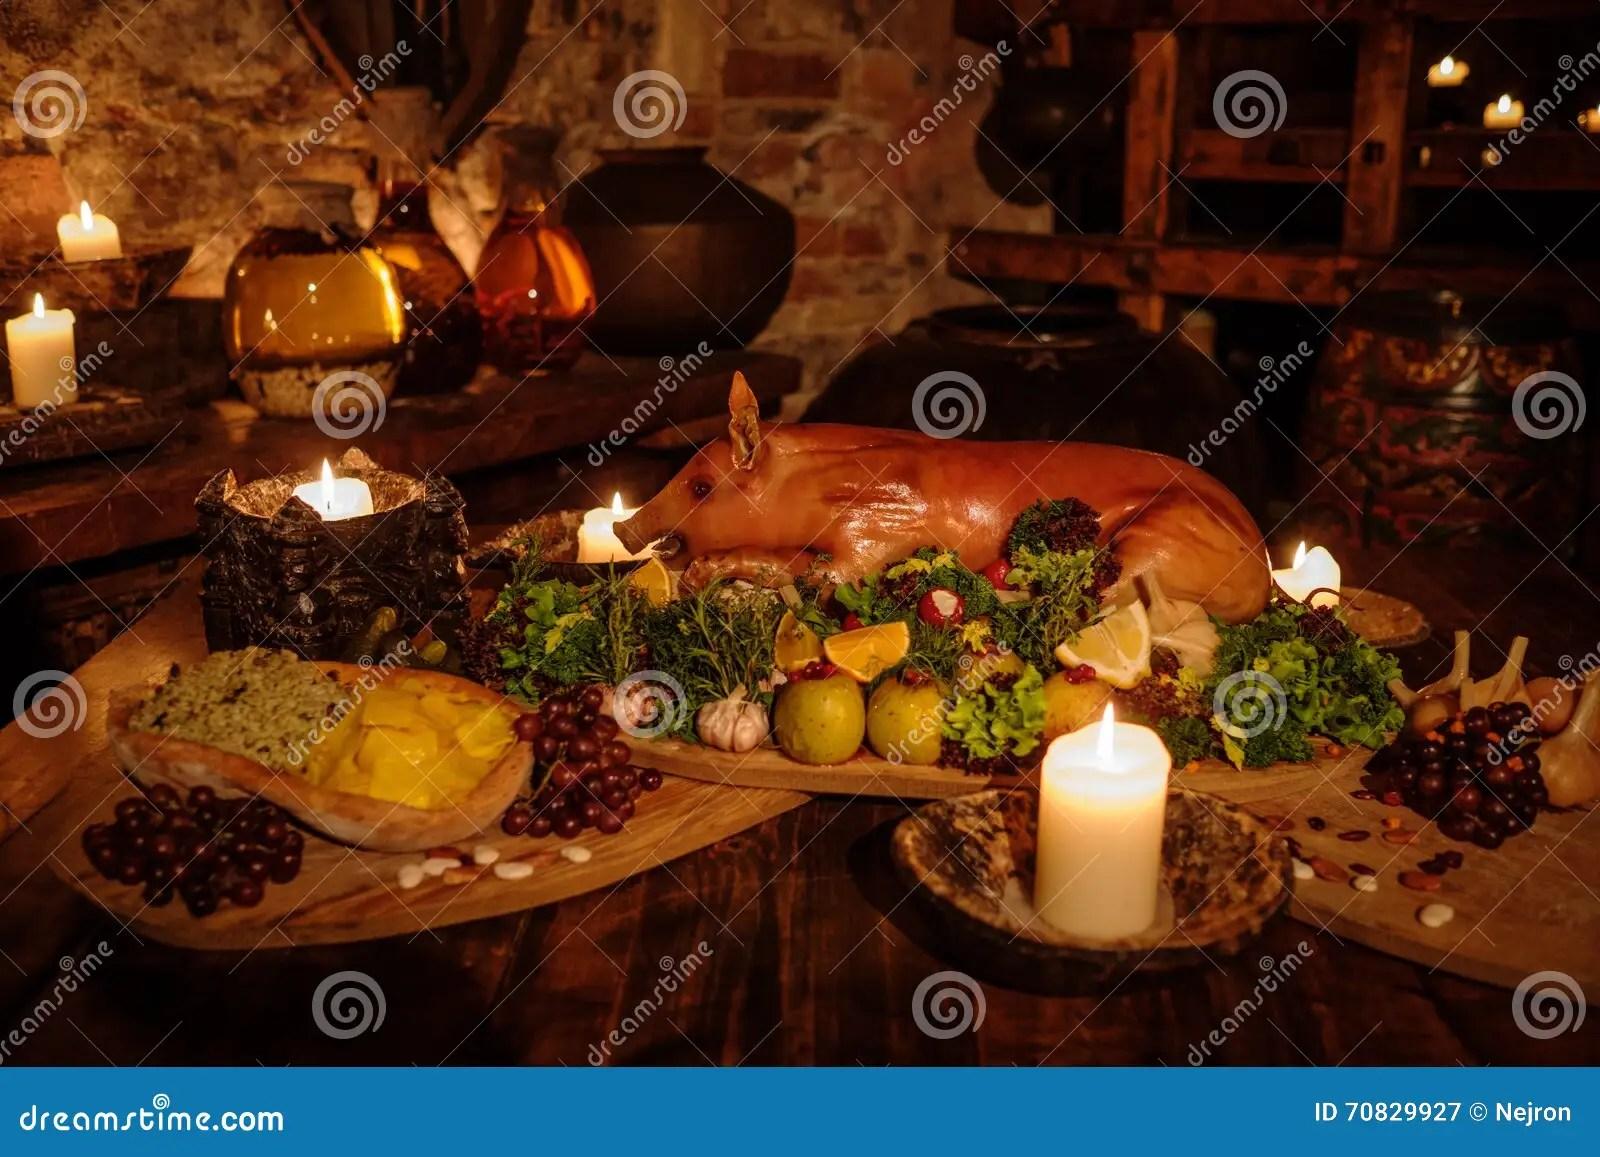 kitchen bistro table cabinets pictures 中世纪古老厨房用桌用在皇家城堡的典型的食物库存图片 图片包括有夫人 中世纪古老厨房用桌用在皇家城堡的典型的食物